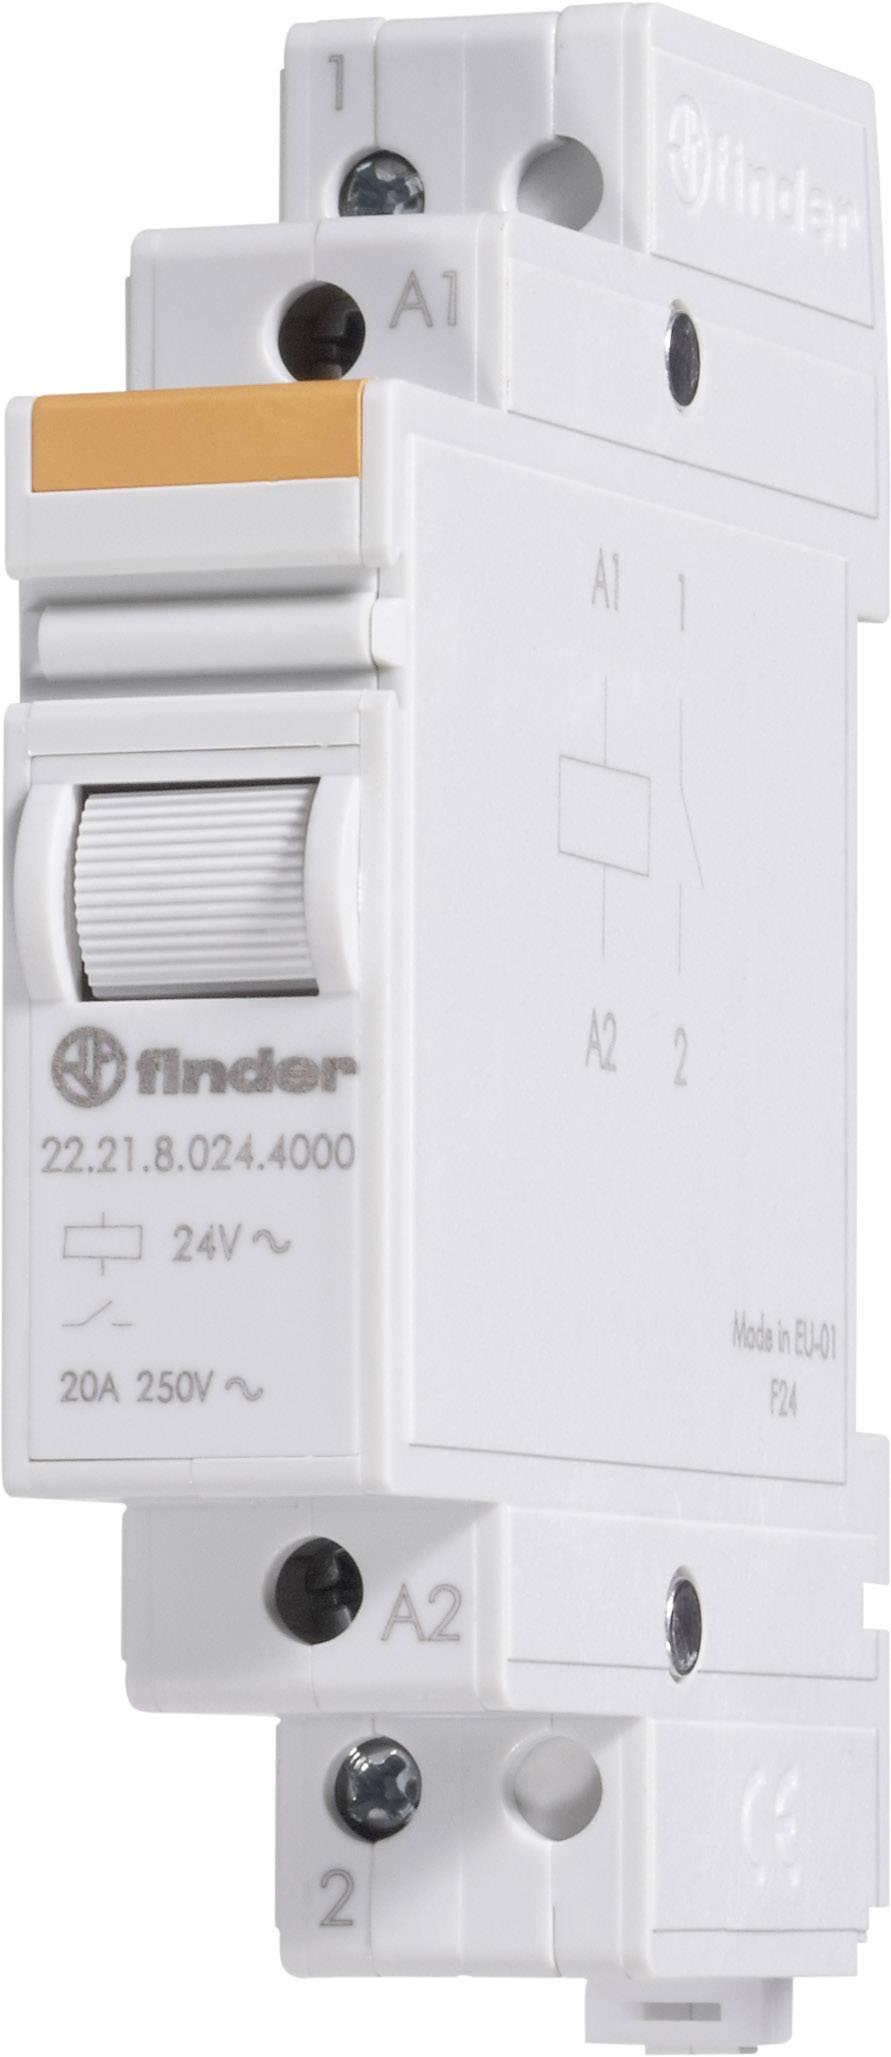 Instalační relé Finder 22.23.9.024.4000, 22.23.9.024.4000, 1 spínací + 1 rozpínací kontakt